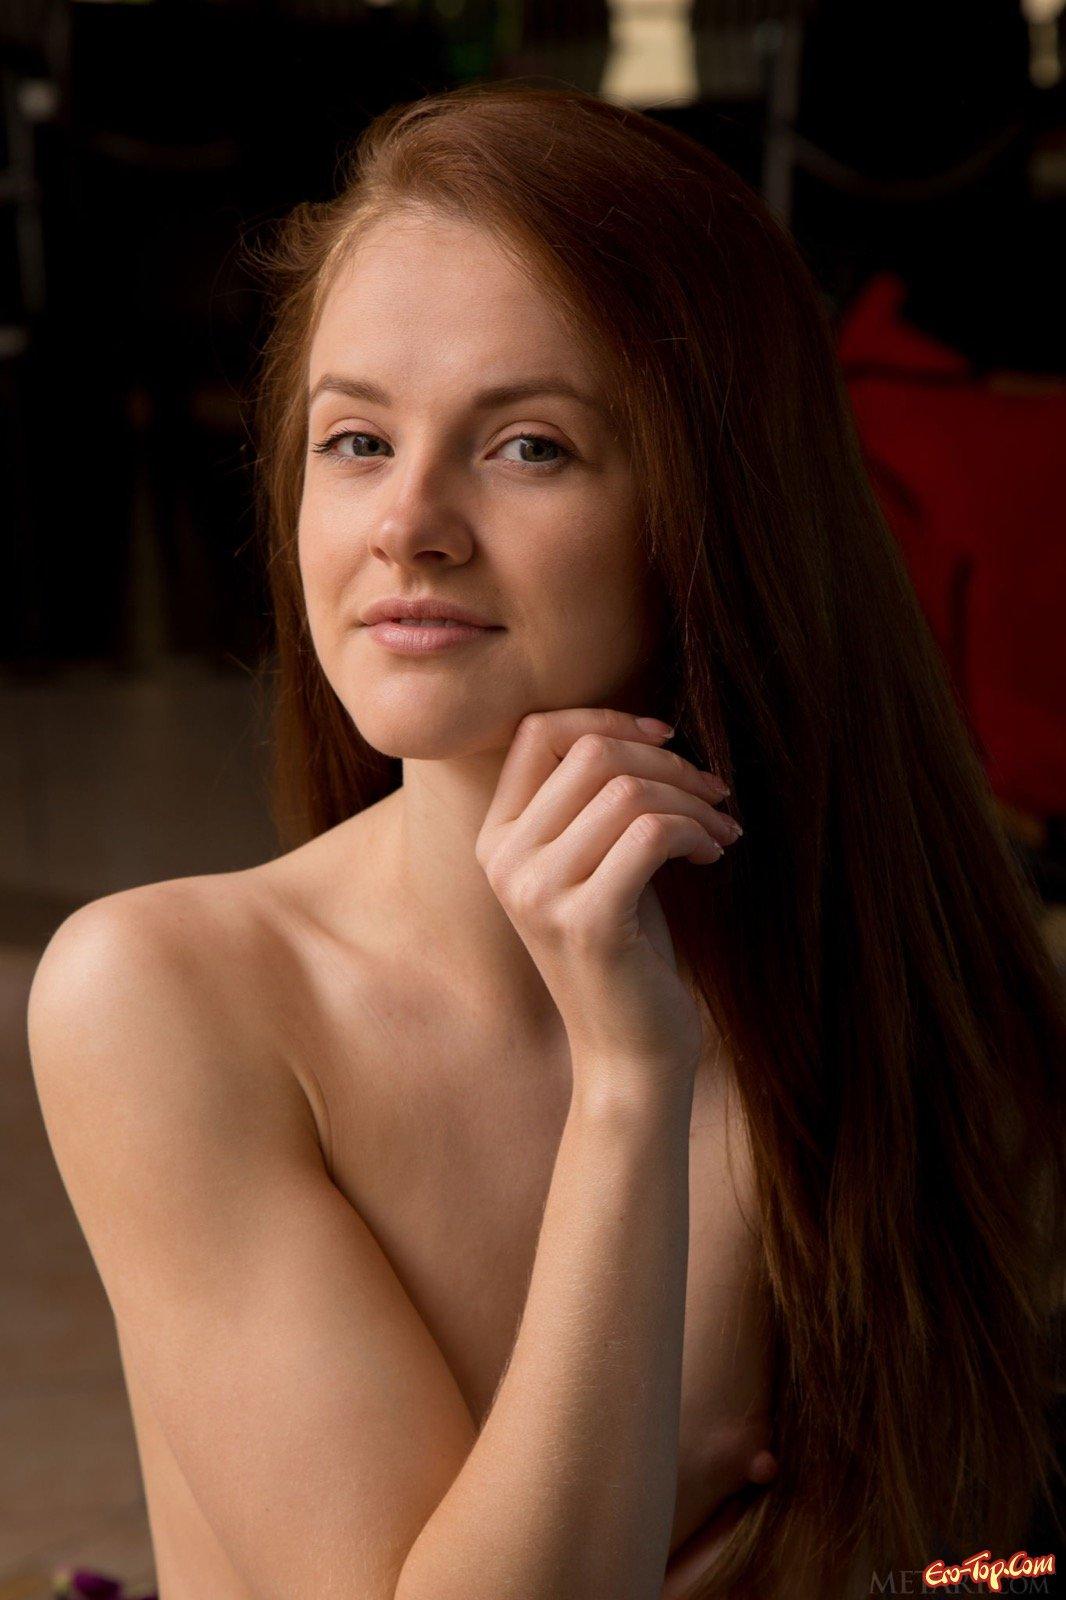 Рыжая девушка оголила маленькую грудь на диване